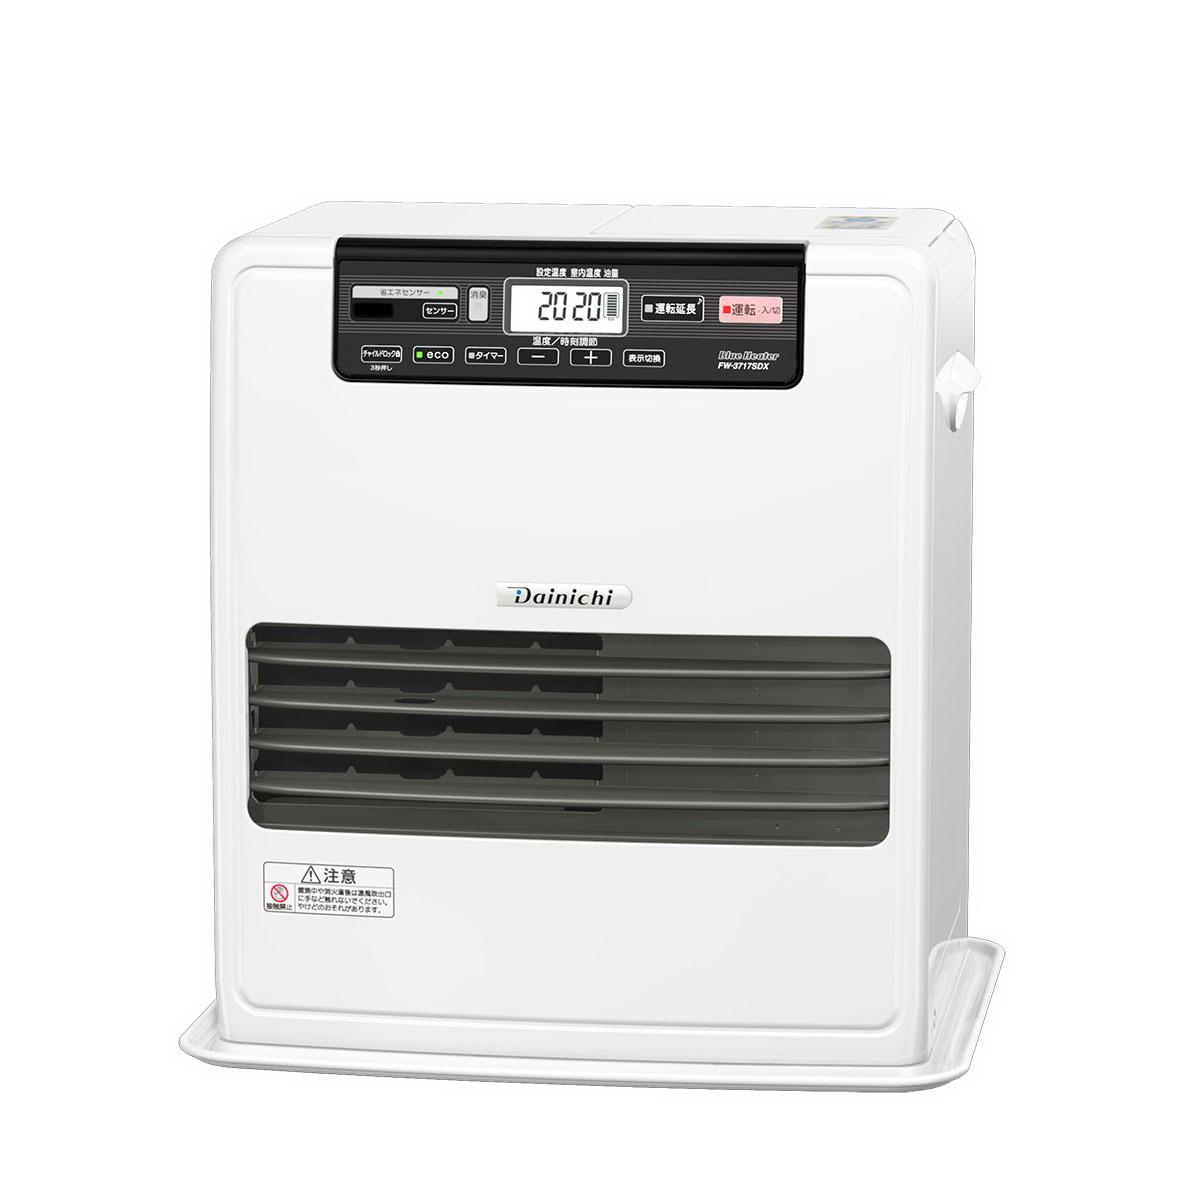 【大感謝価格】ダイニチ 家庭用石油ファンヒーター クールホワイト FW-3717SDX-W